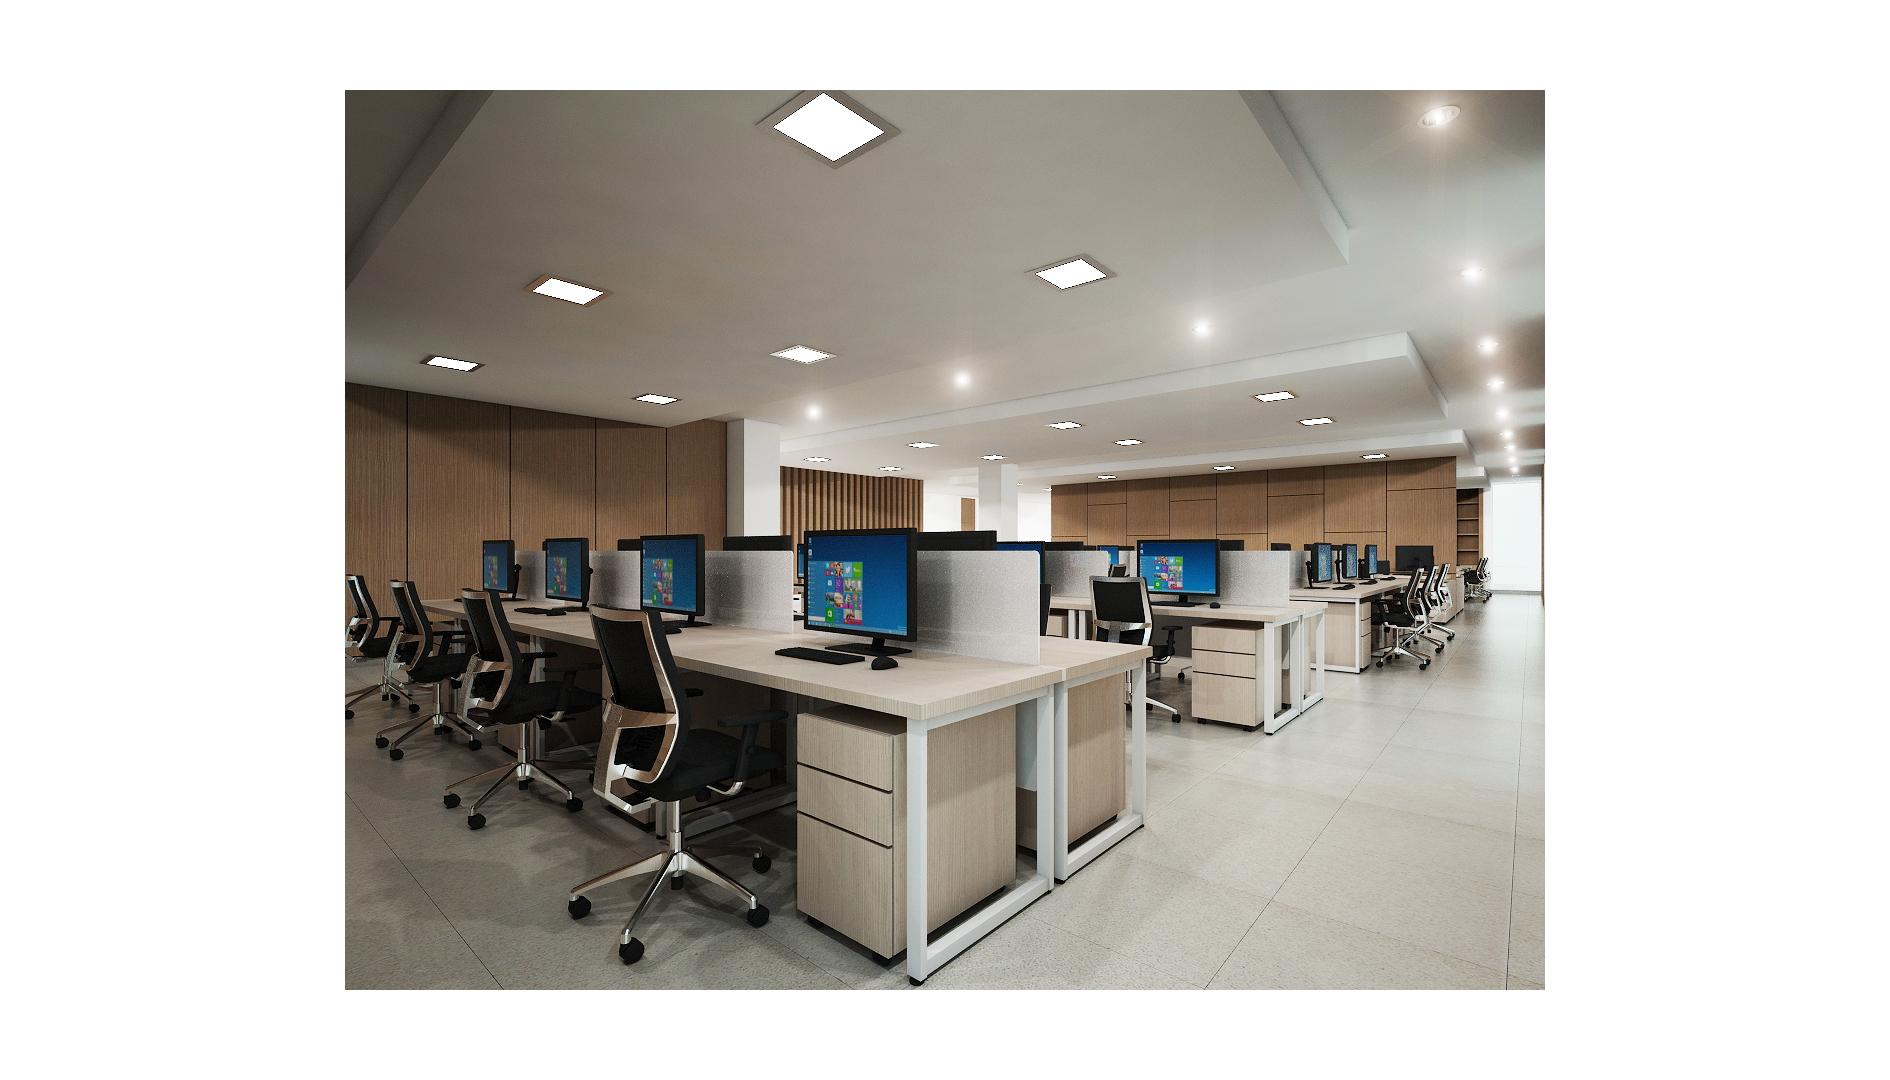 2014-PJB-OFFICE-05